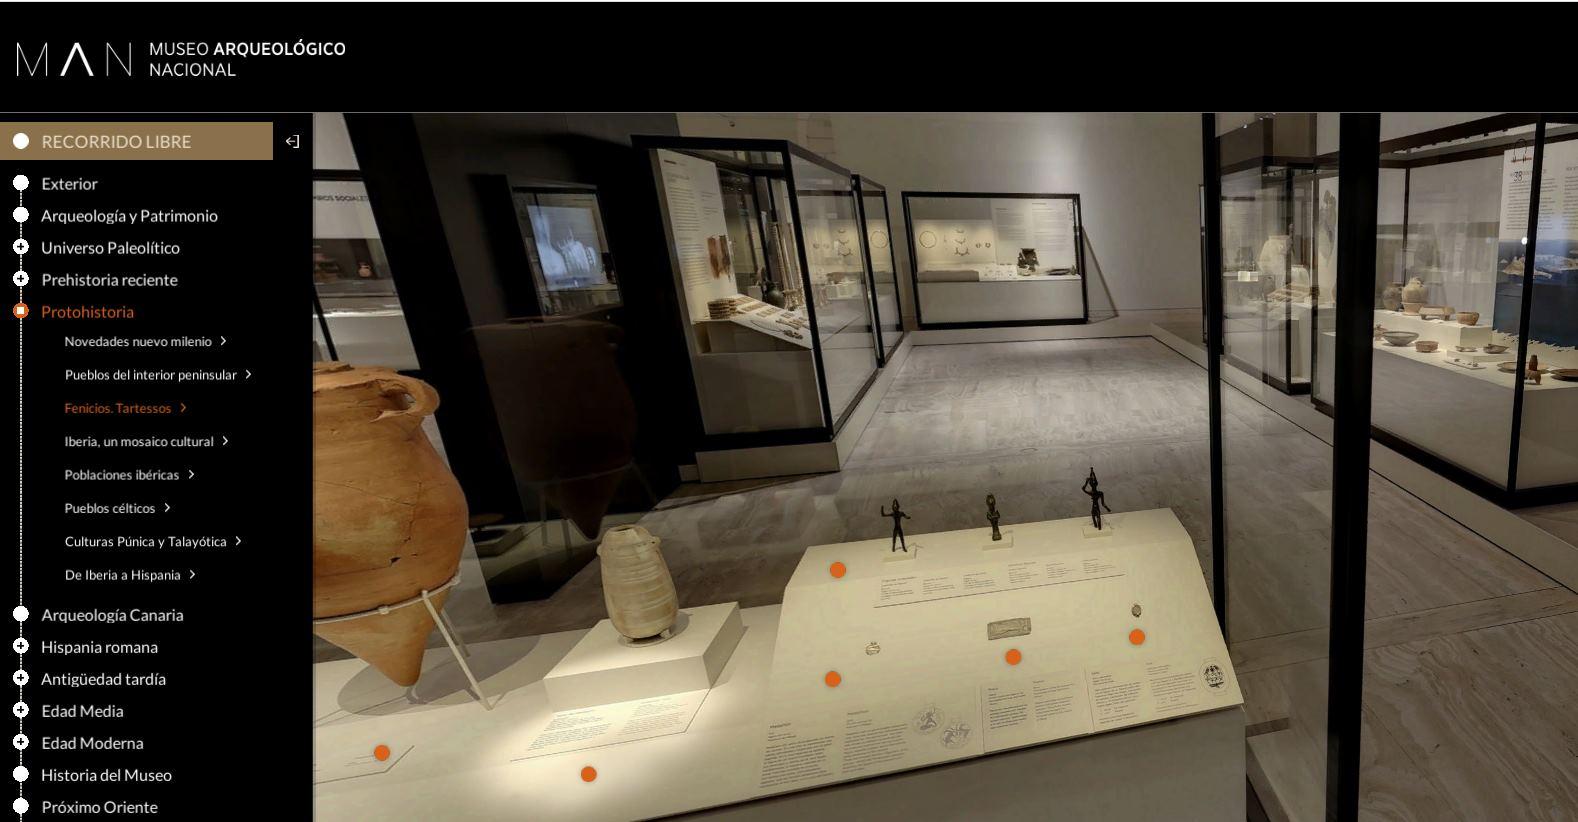 Visita virtual por el Museo Arqueológico Nacional